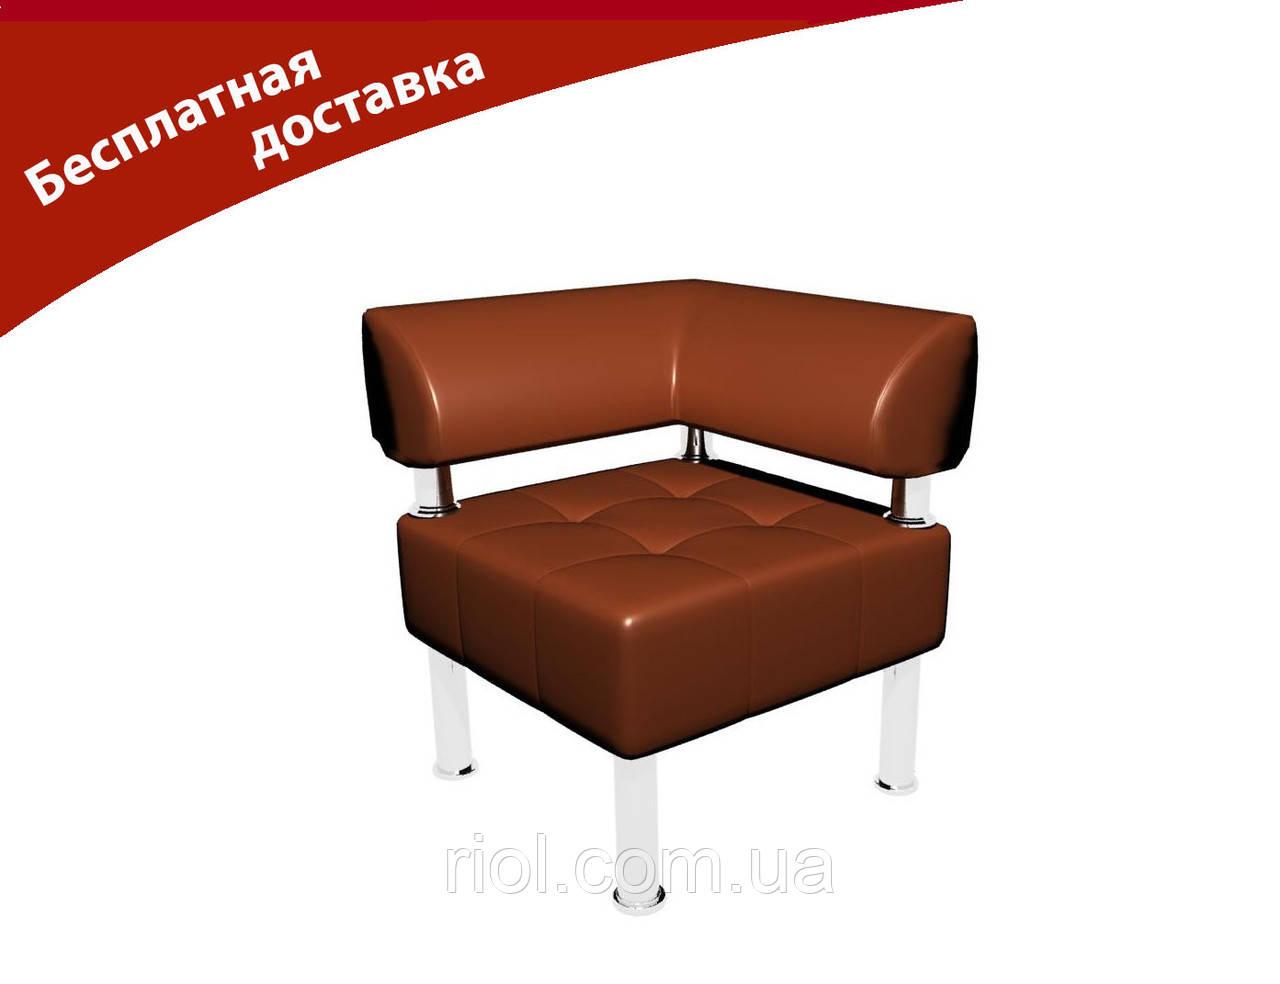 Кресло угол